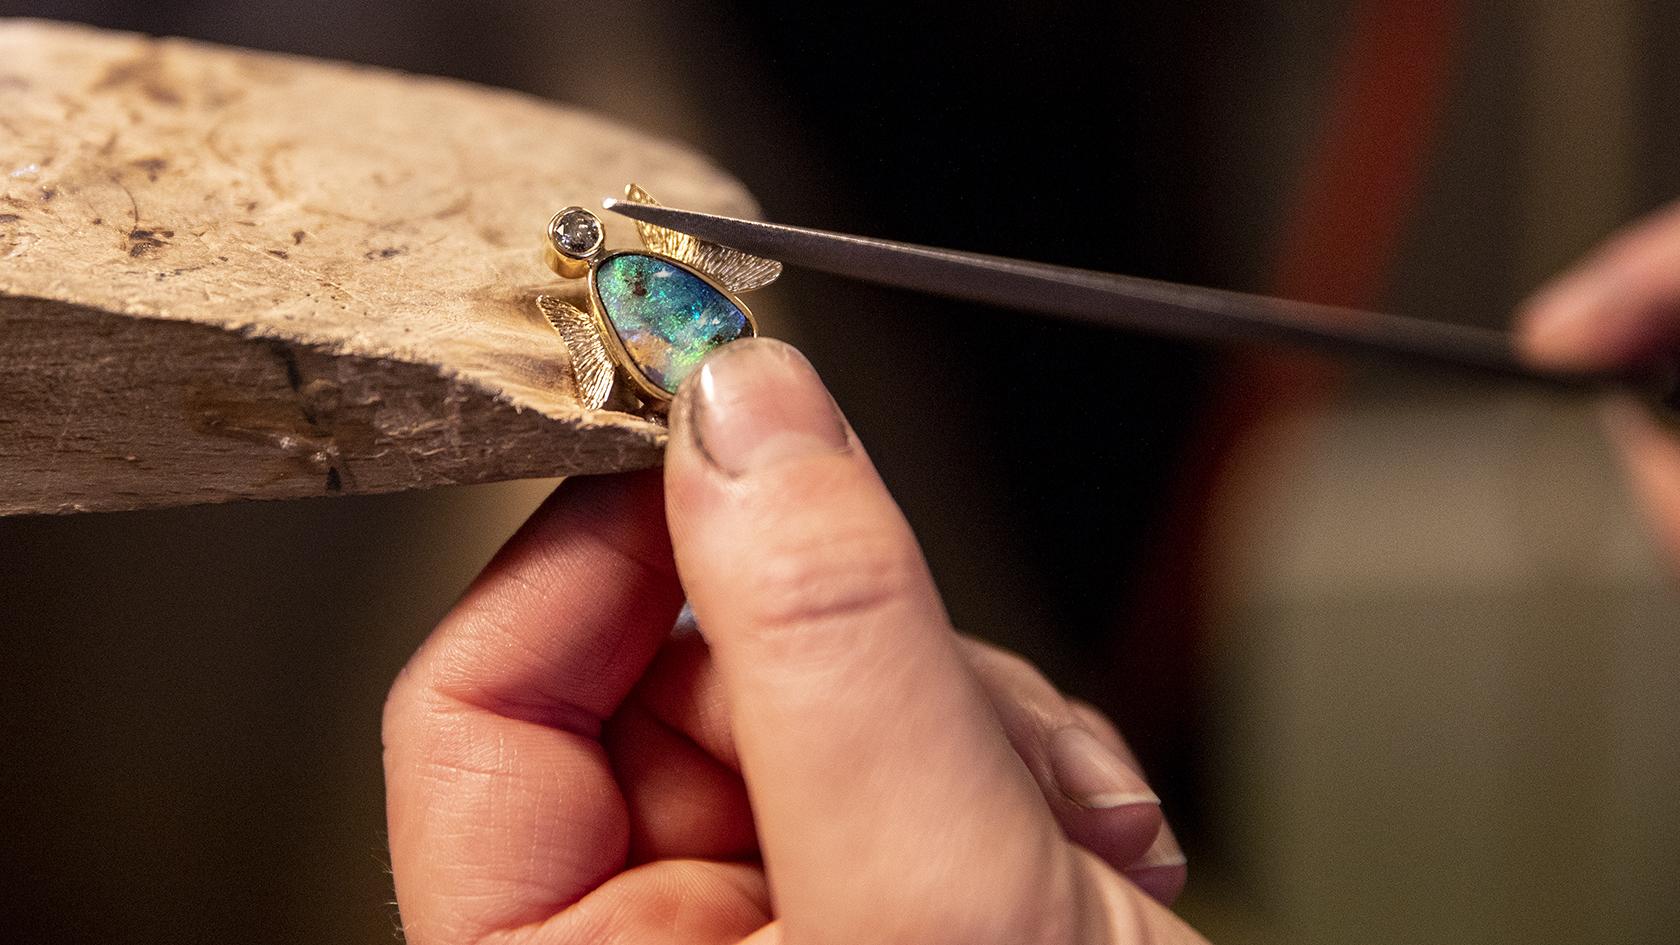 Englen er et af de nyeste unikasmykker, som Camilla Jensen har fundet på i samarbejde med sin chef og læremester. Smykket består af en australsk opal som englens krop, en diamant som hoved og små rillede guldvinger.